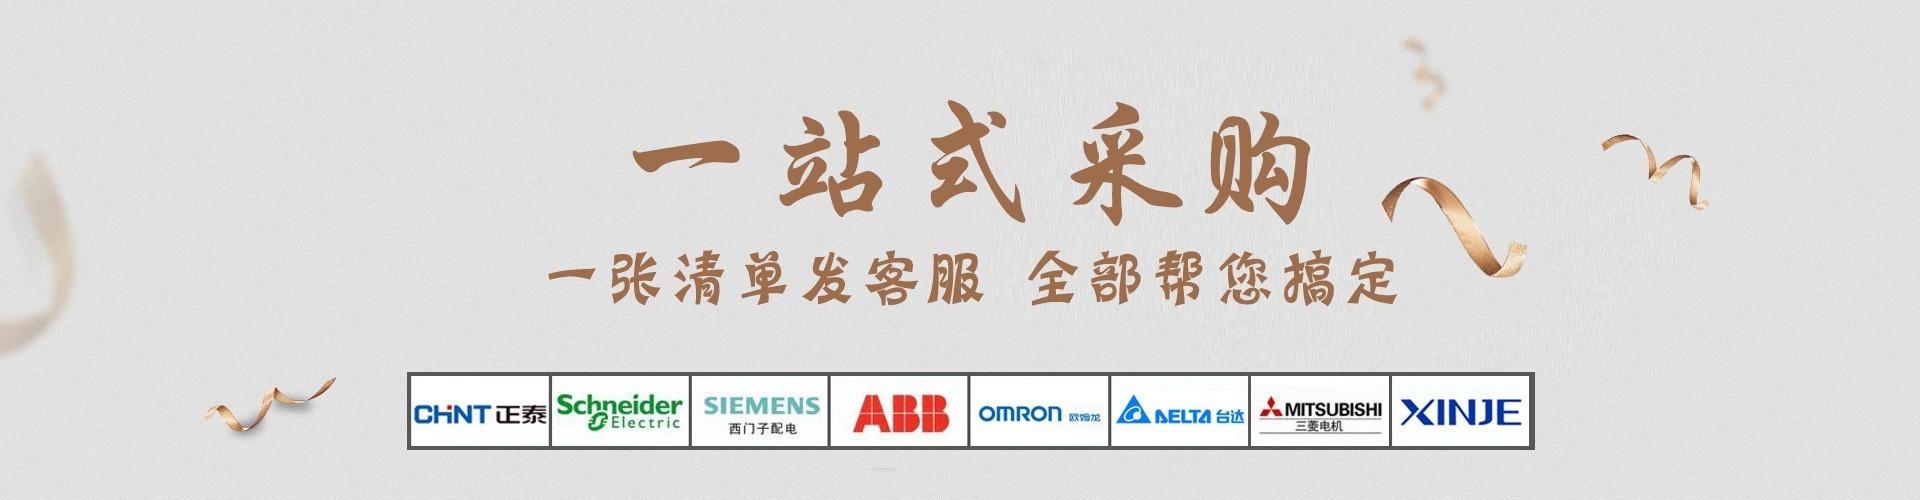 艾默生变频器 PLC 伺服电机 软启动 冠赢自动化官网